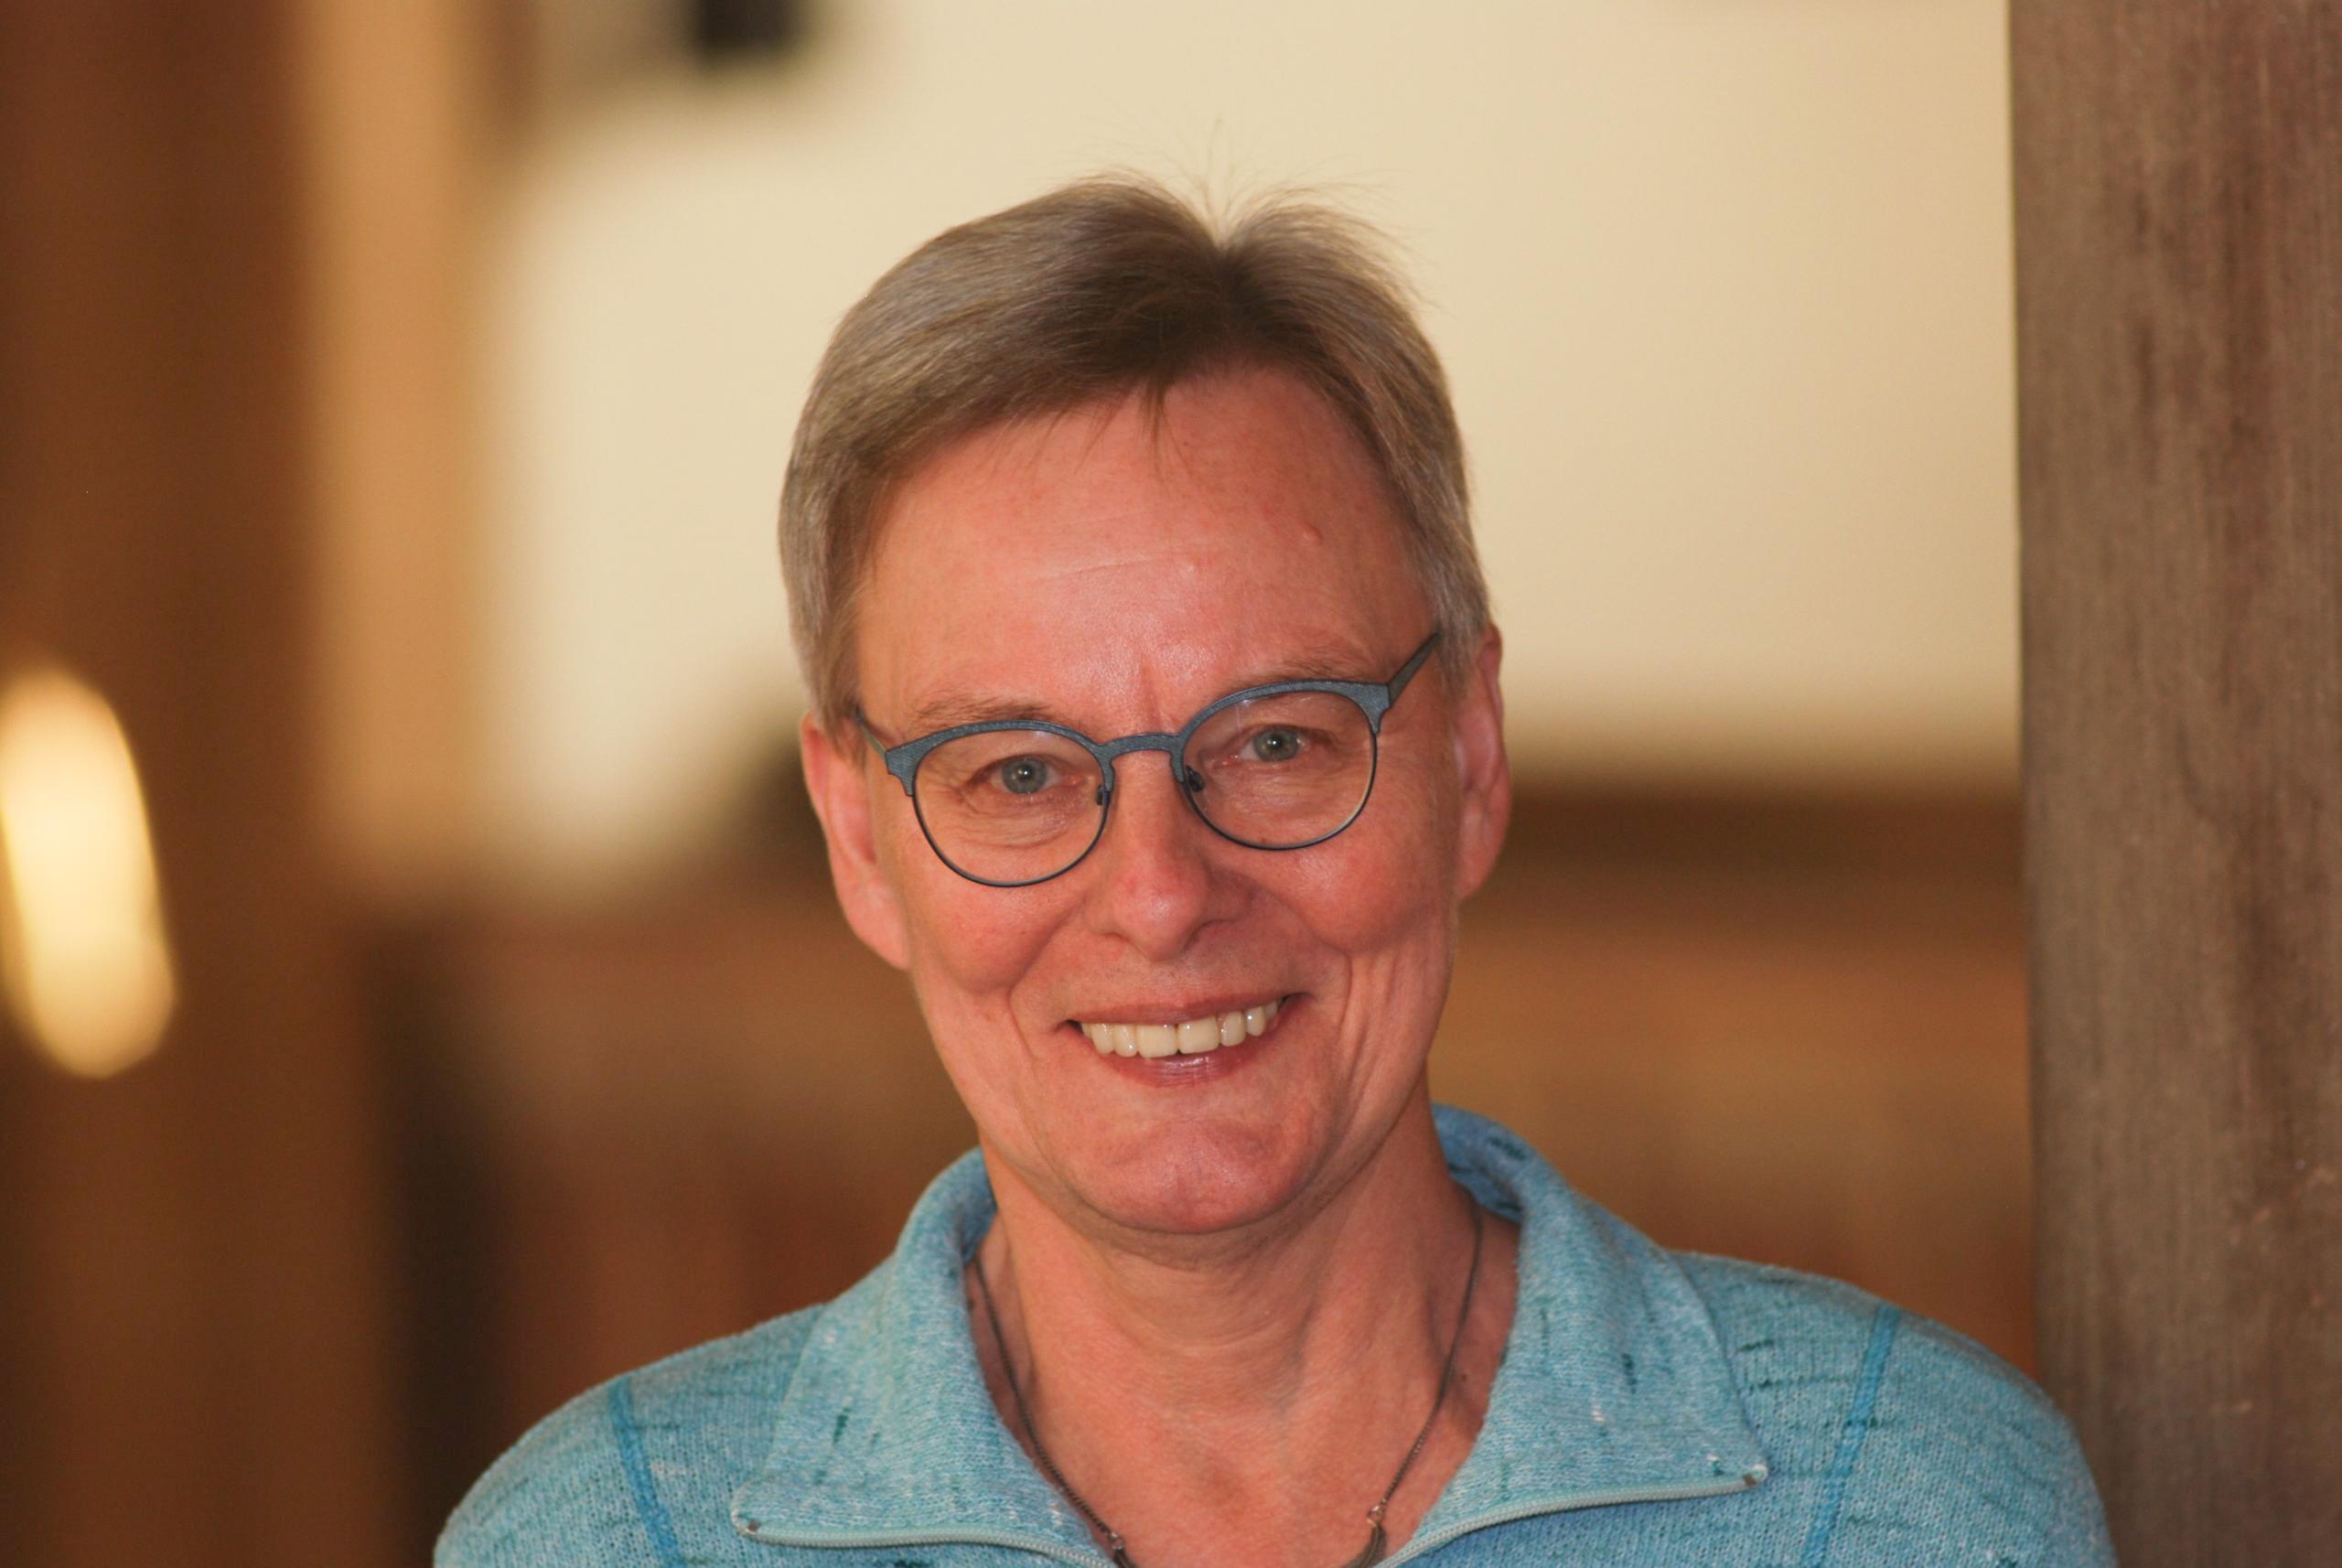 Bernadette Gundlach